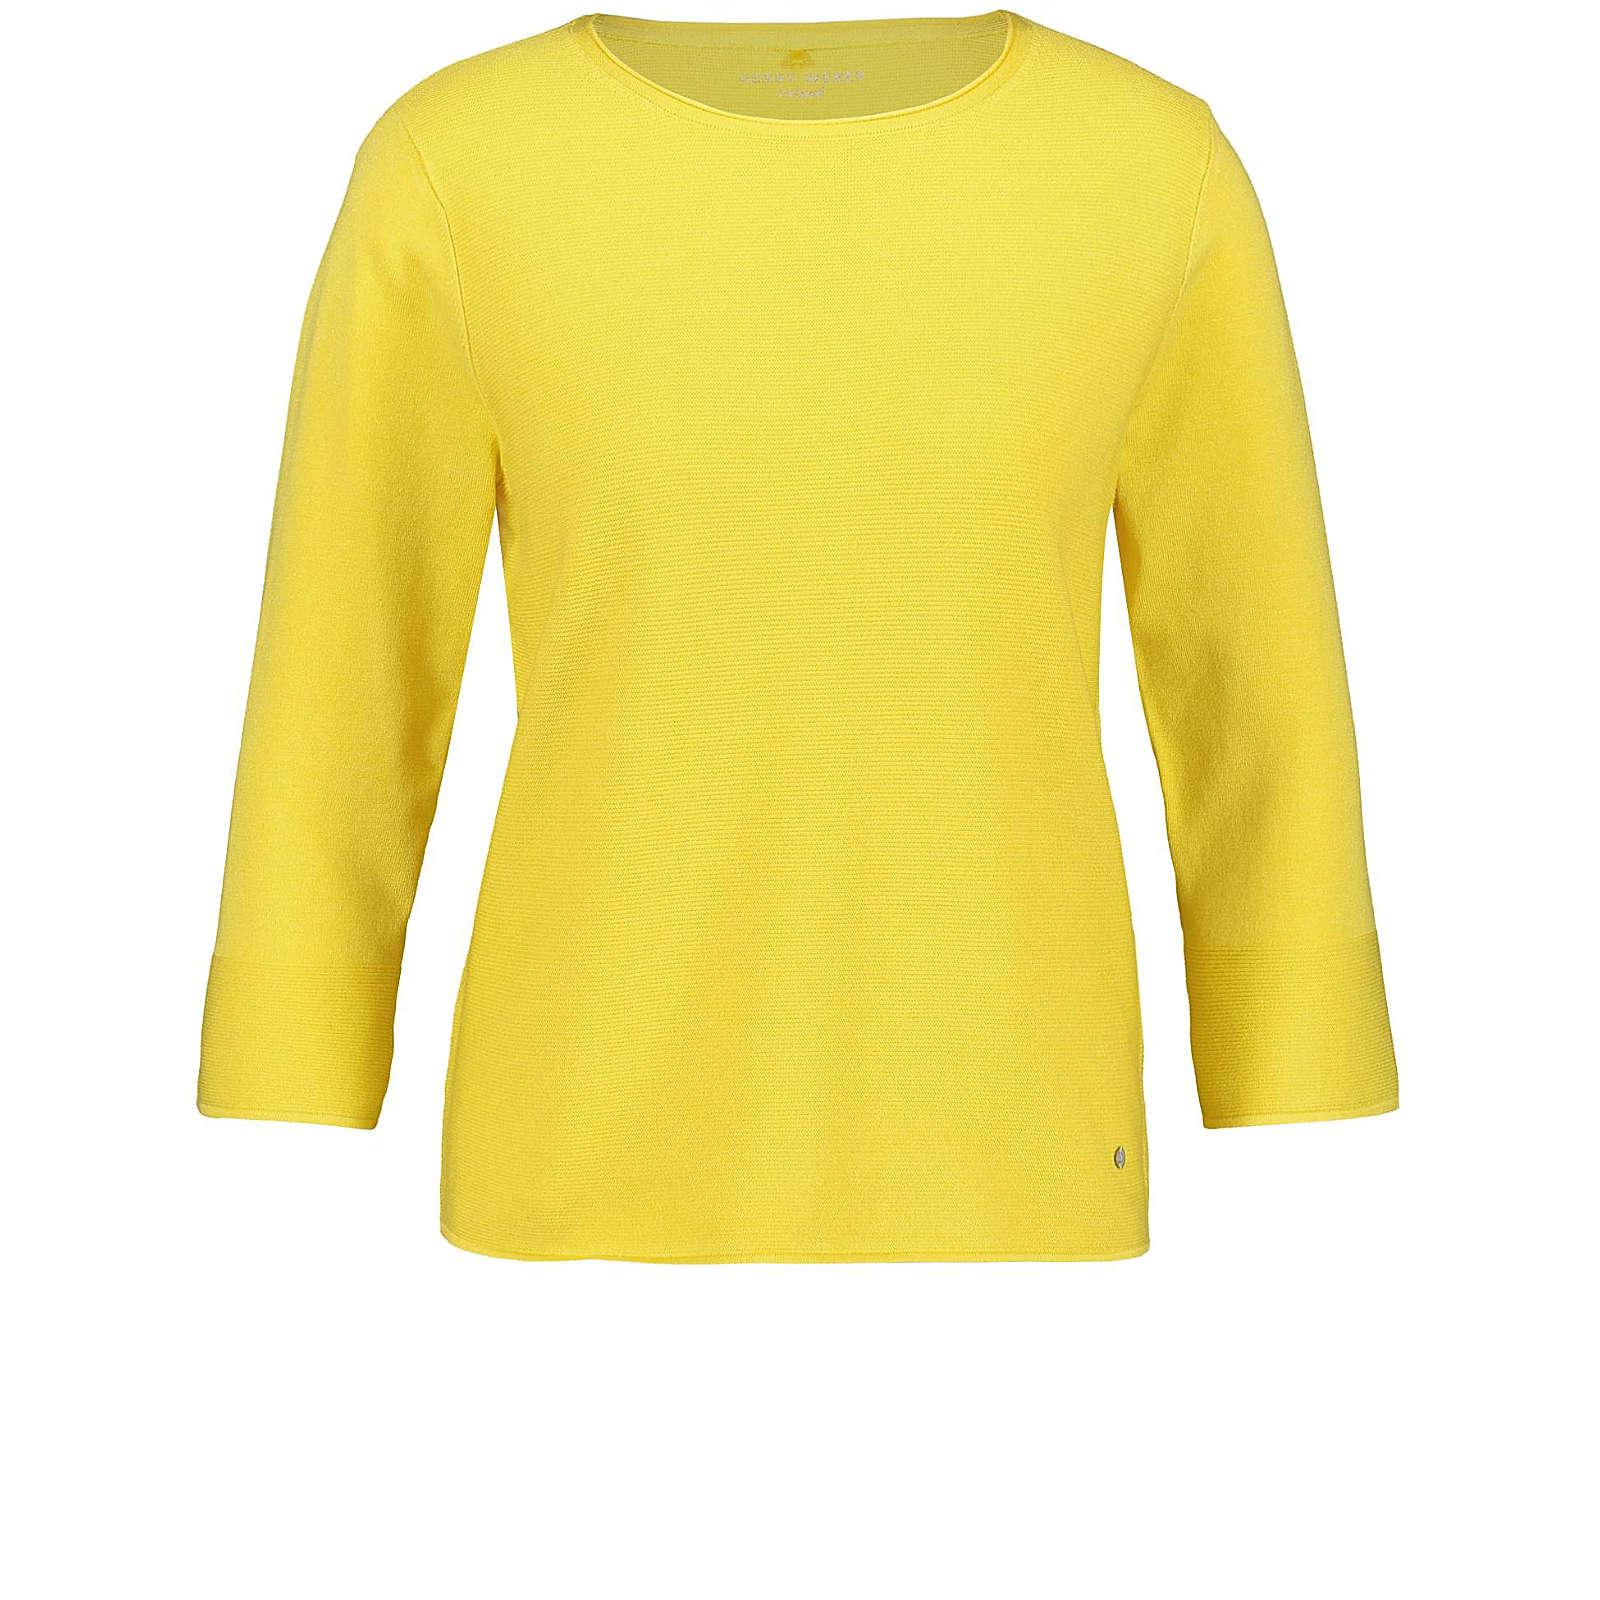 Gerry Weber Pullover 3/4 Arm Rundhals 3/4 Arm Pullover mit Strukturstrick gelb Damen Gr. 48